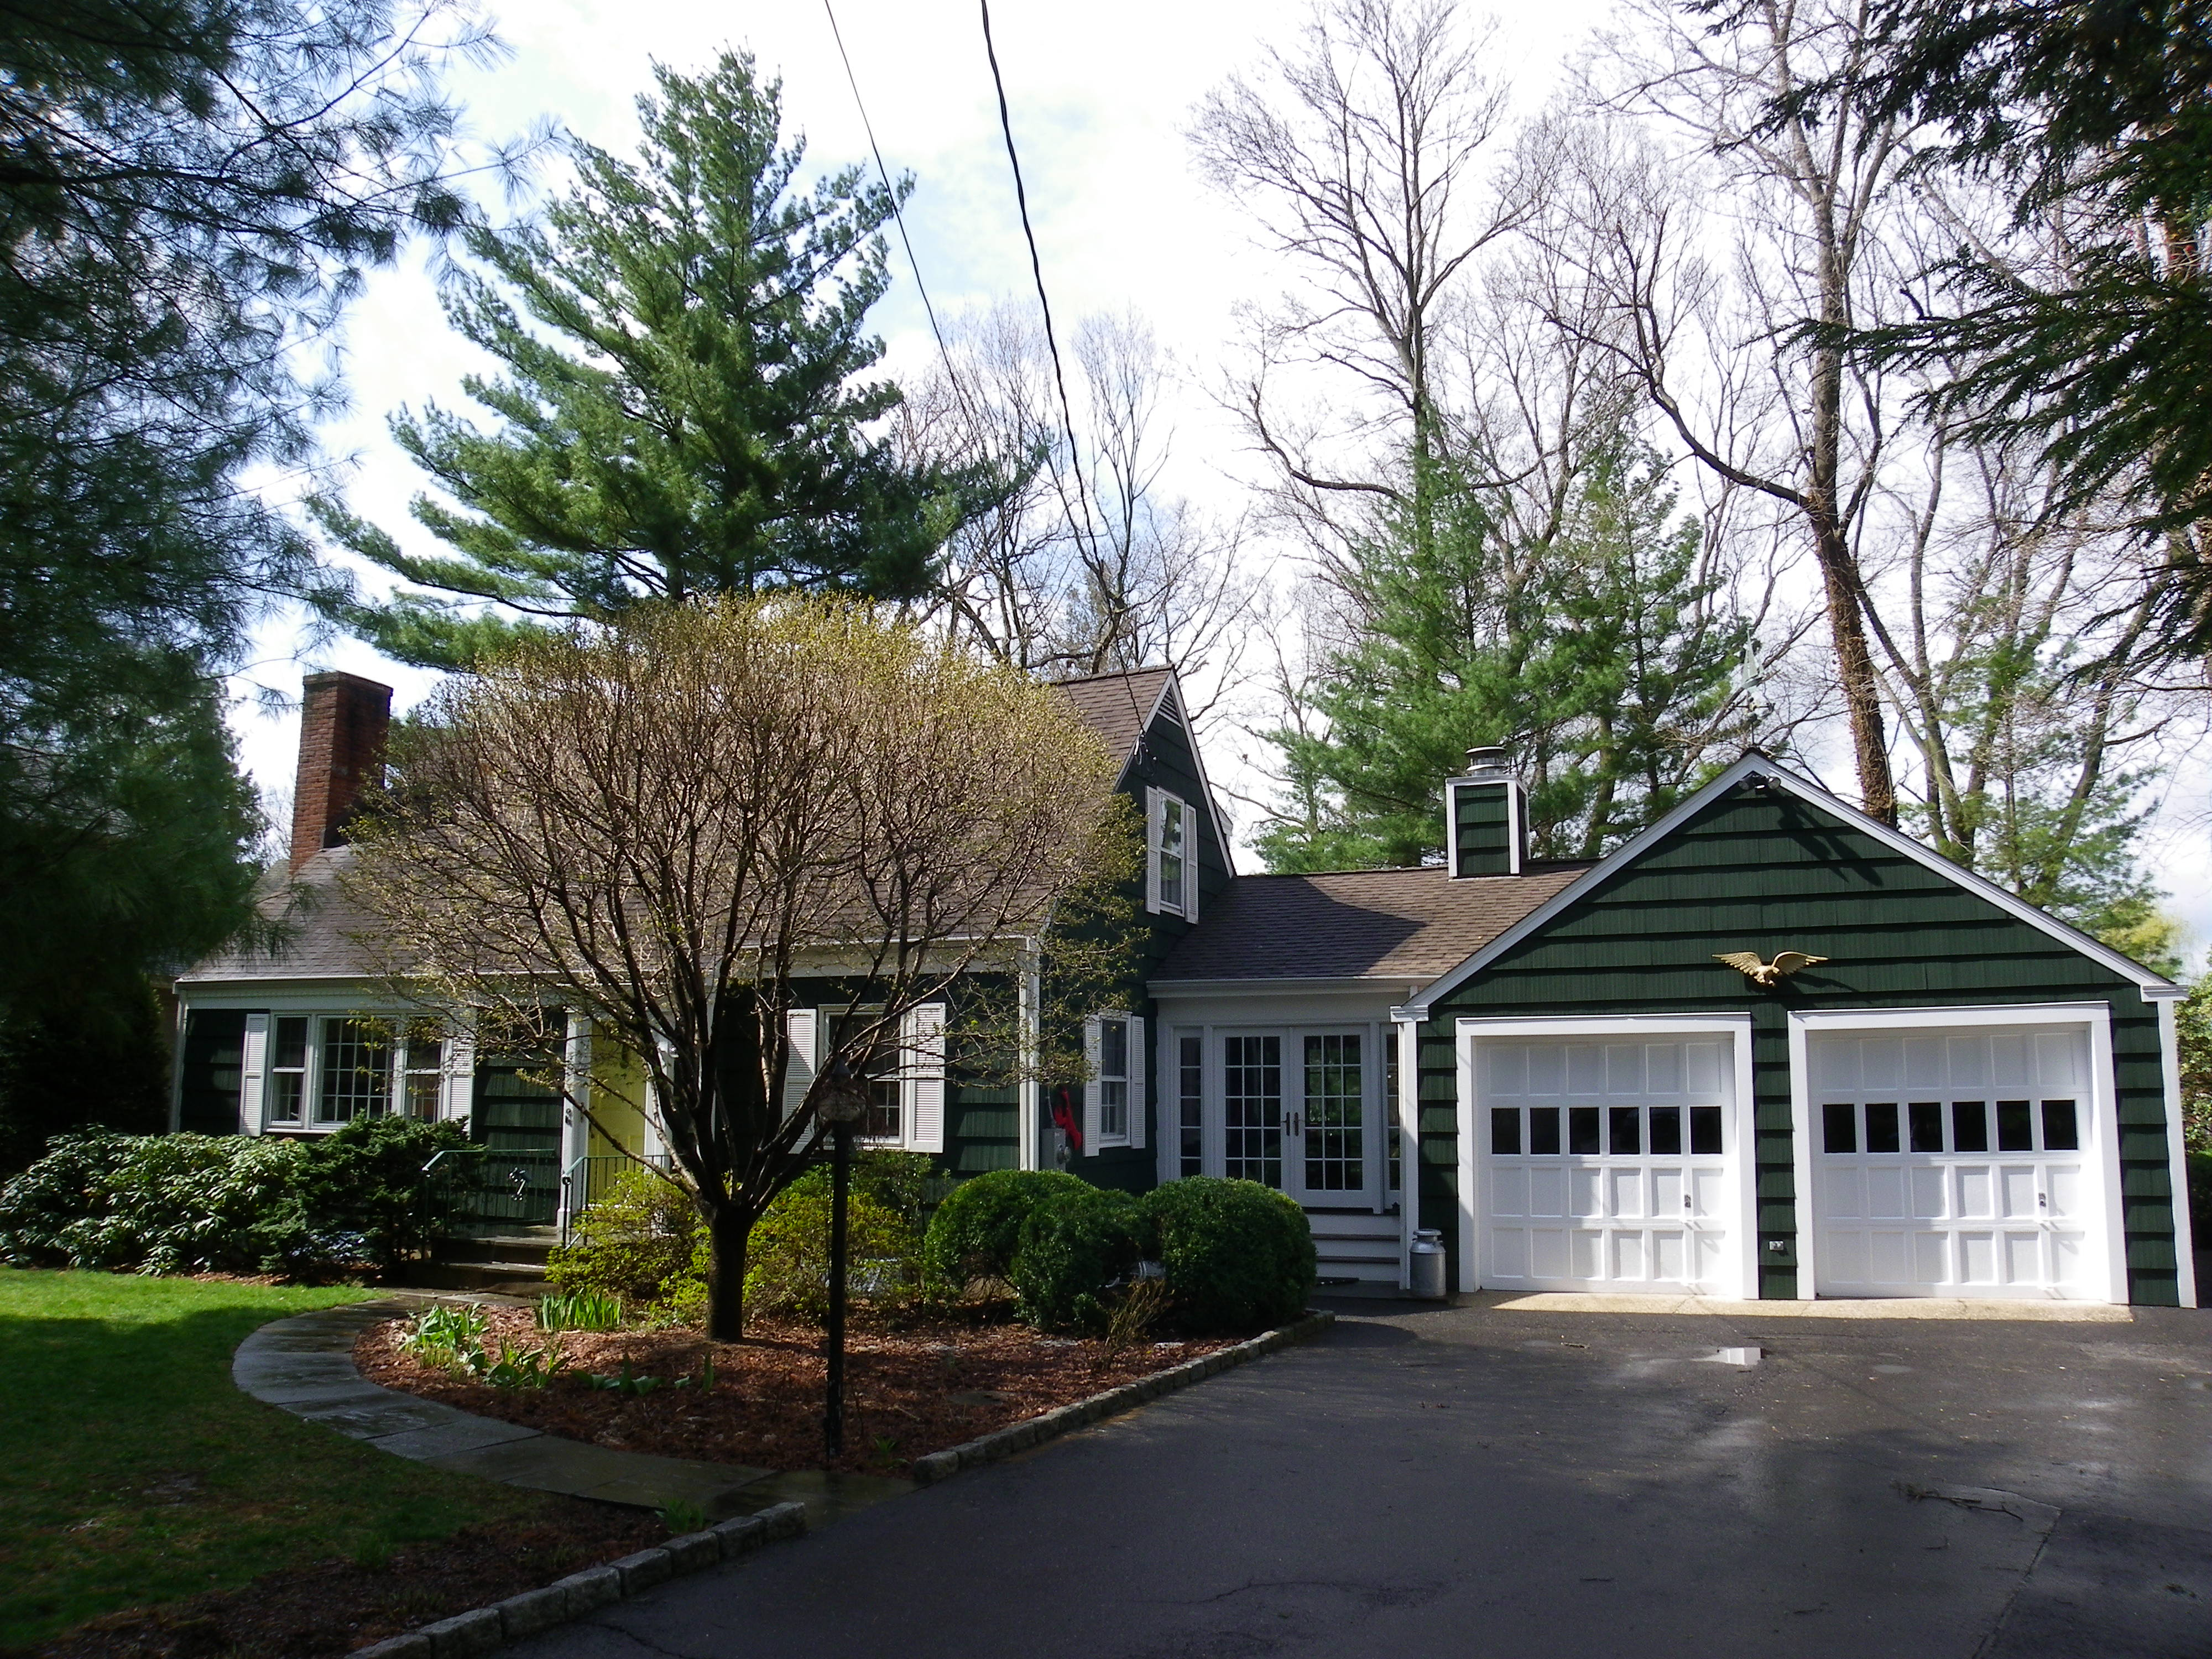 Casa Unifamiliar por un Venta en Central Village Location 34 Wilson Avenue Rowayton, Norwalk, Connecticut 06853 Estados Unidos